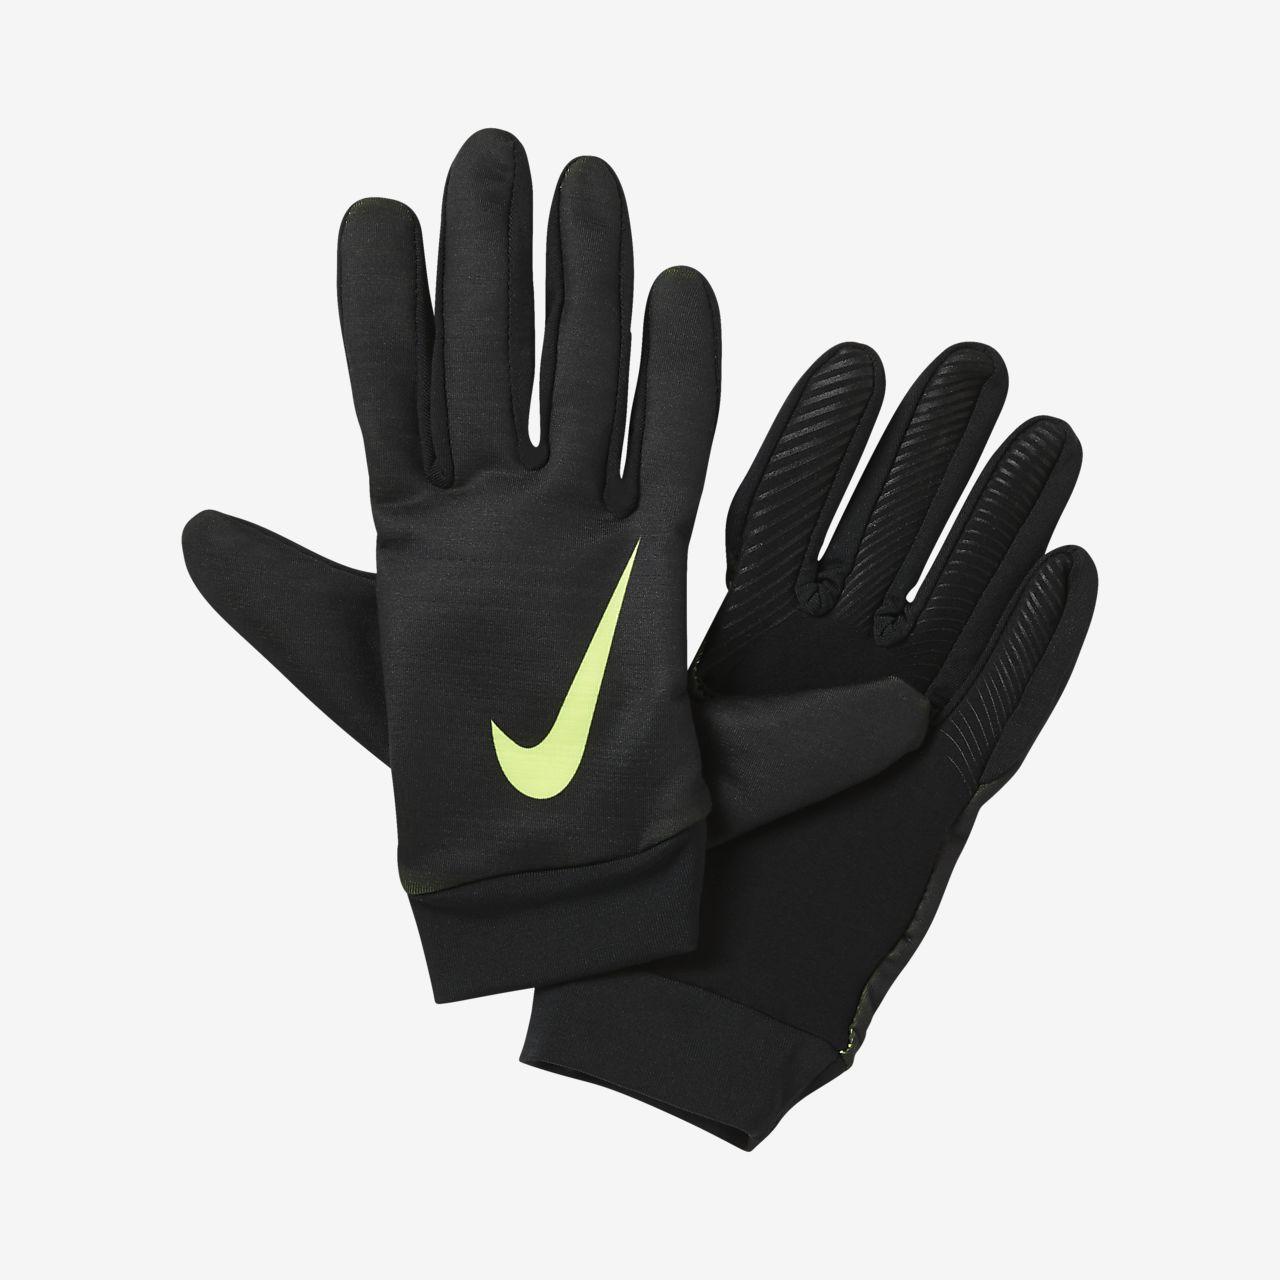 Baslagerhandskar Nike för barn